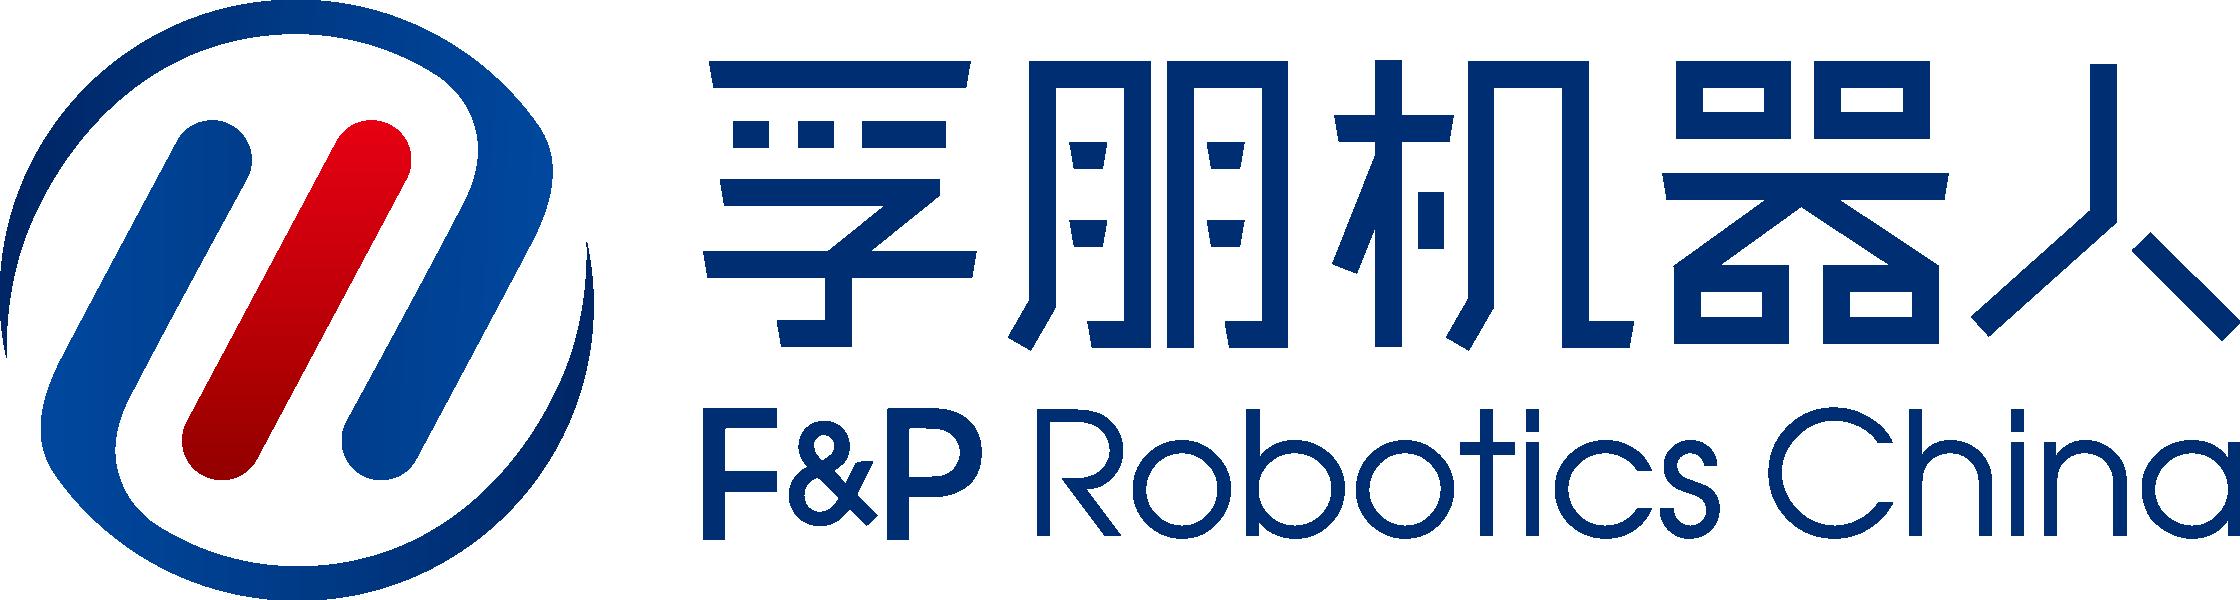 F&P Robotics